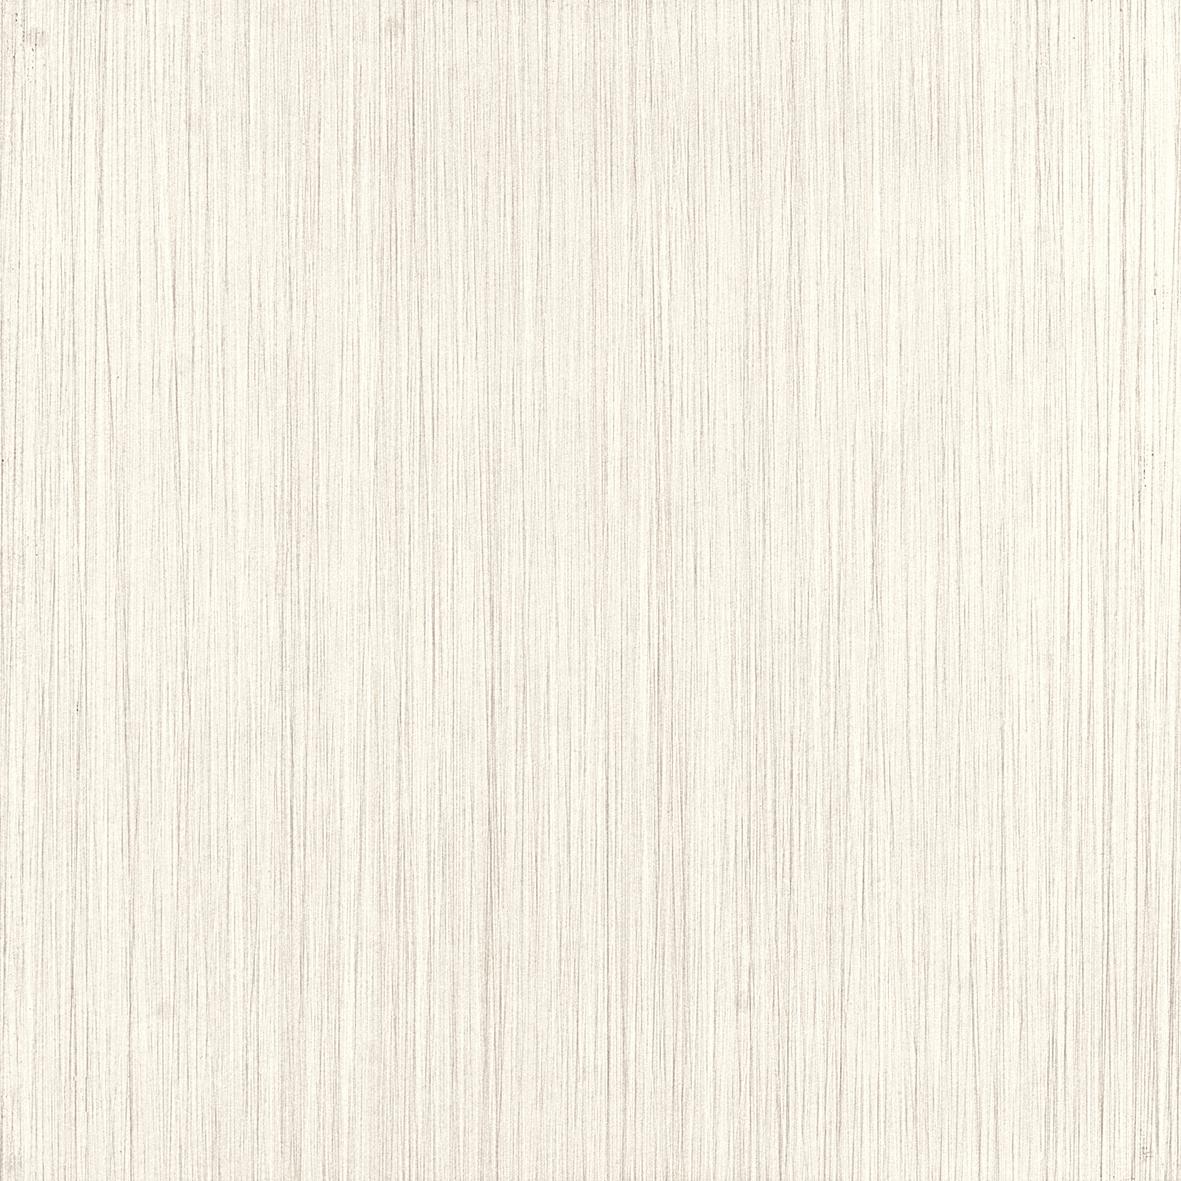 300x600mm Silk White Matt Porcelain Floor And Wall Tile 5108 Tile